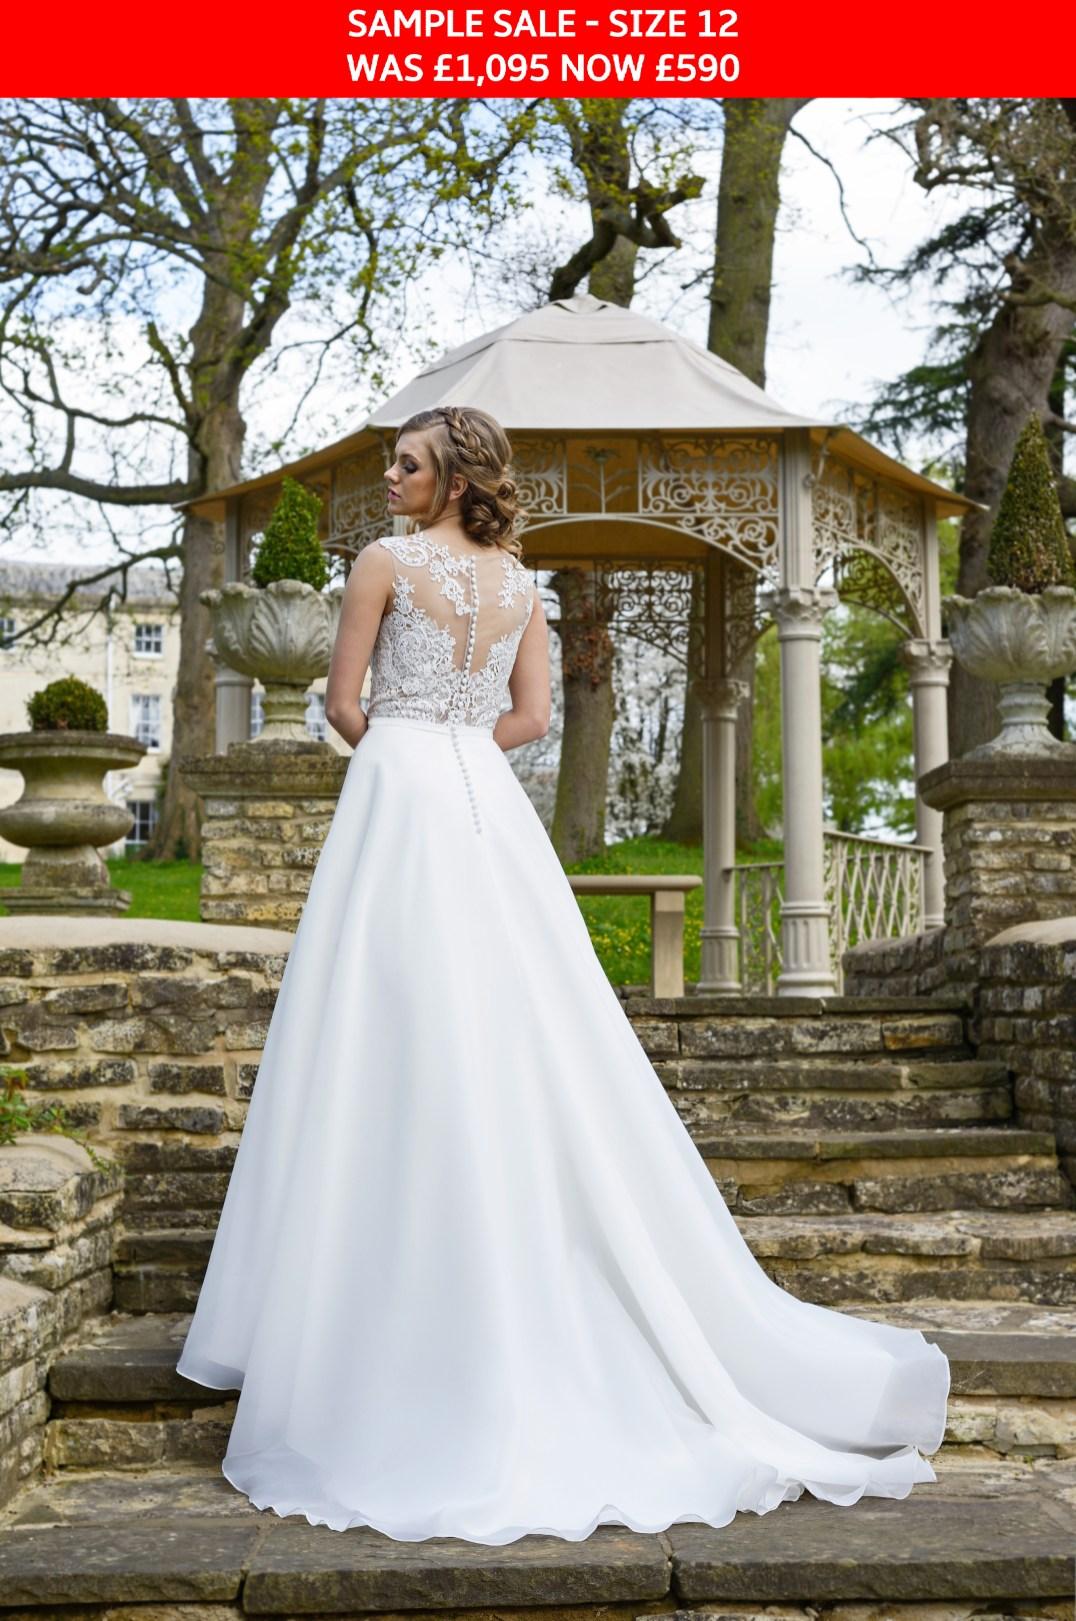 GAIA Cara bridal gown sample sale